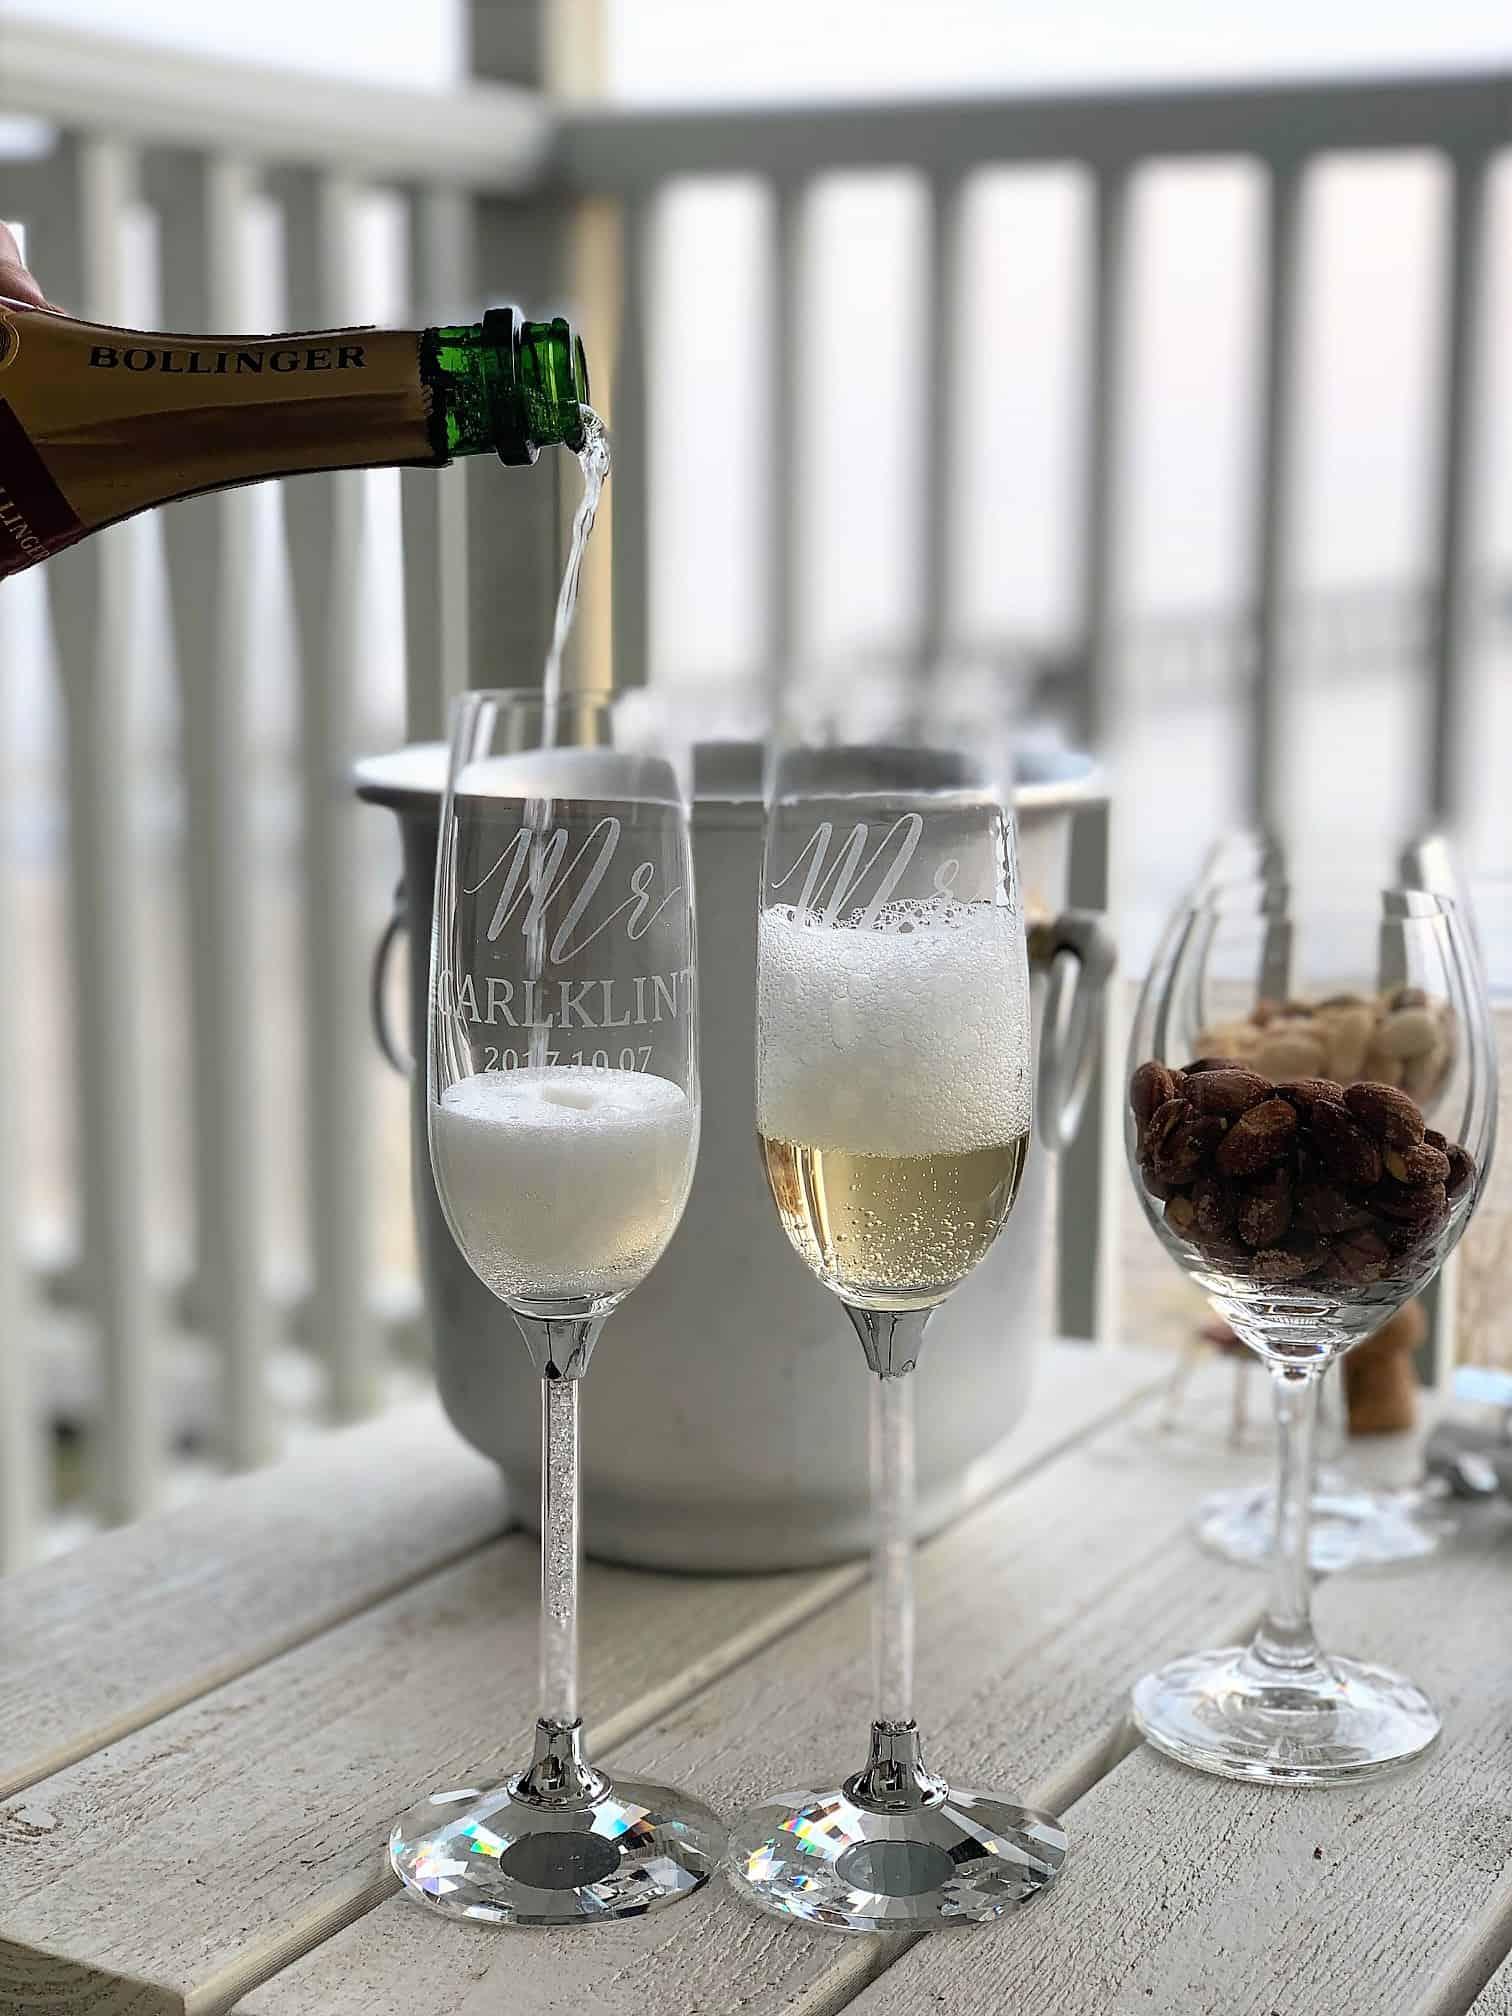 spa, strandbaden, weekend, högklackat, fodralklänning, champagne